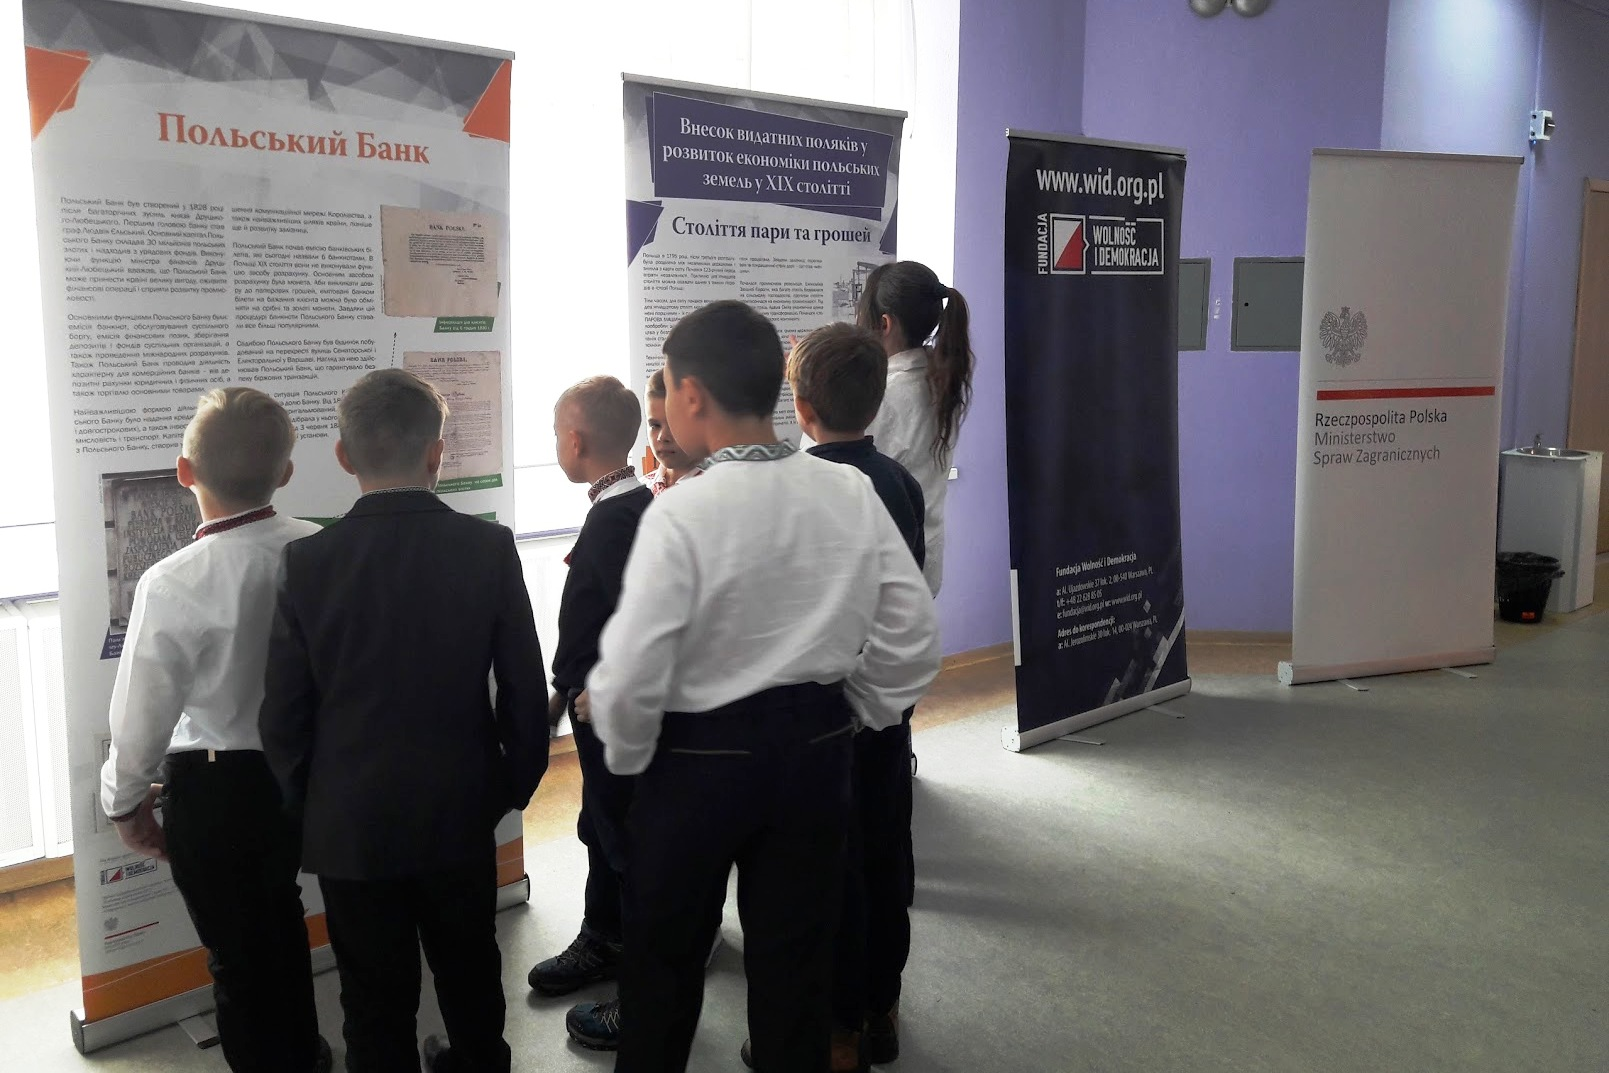 Prezentacja wybitnych Polaków w formie gry edukacyjnej